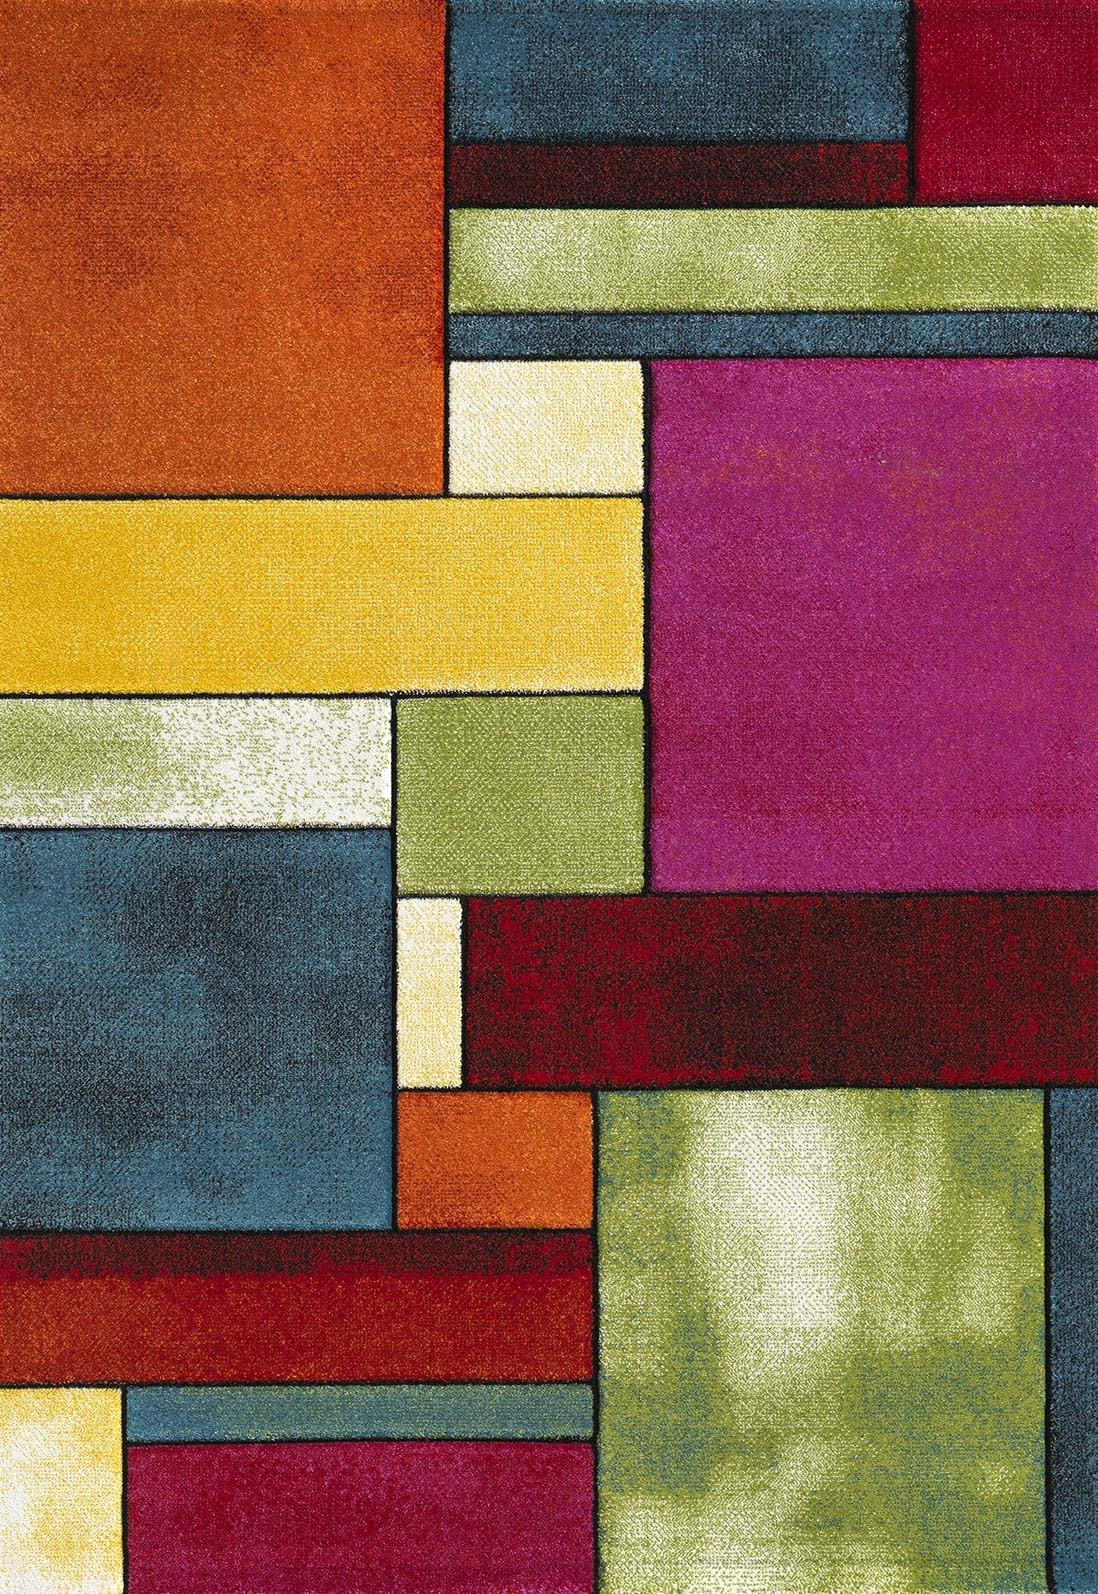 Χαλί (160x230) Viopros Μόντερν Πολύχρωμο